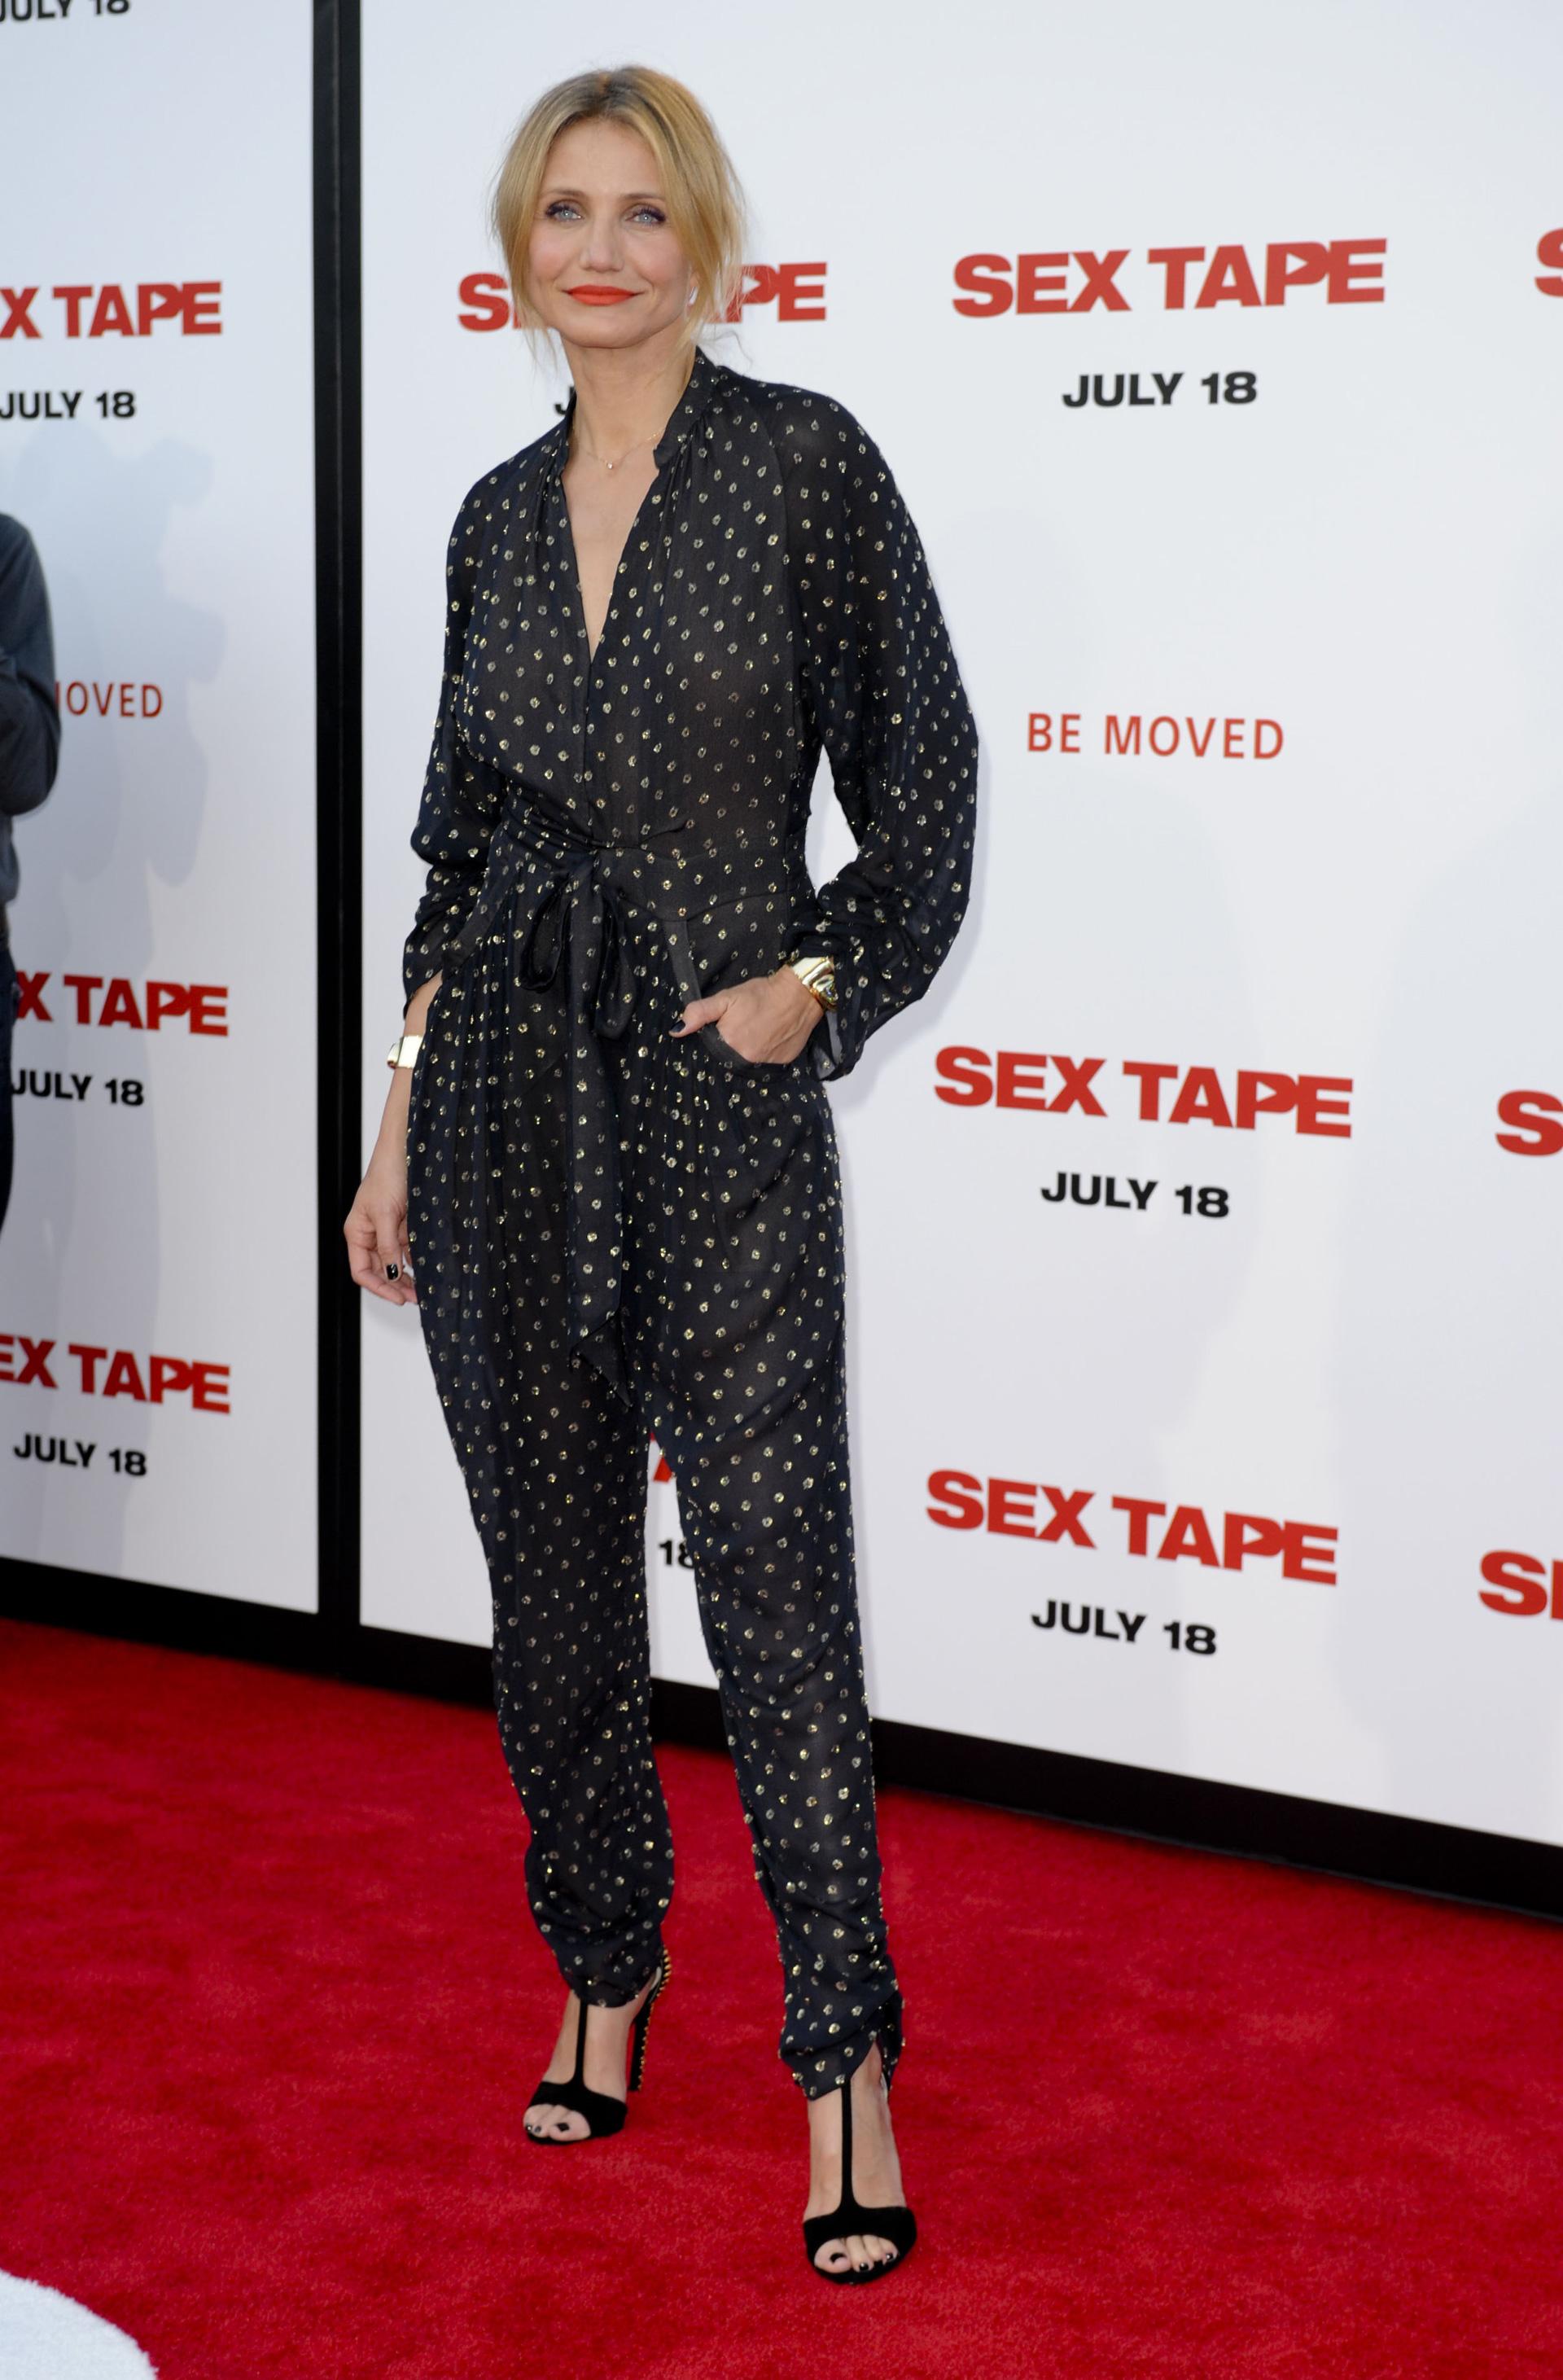 Cameron Diaz wearing a jumpsuit